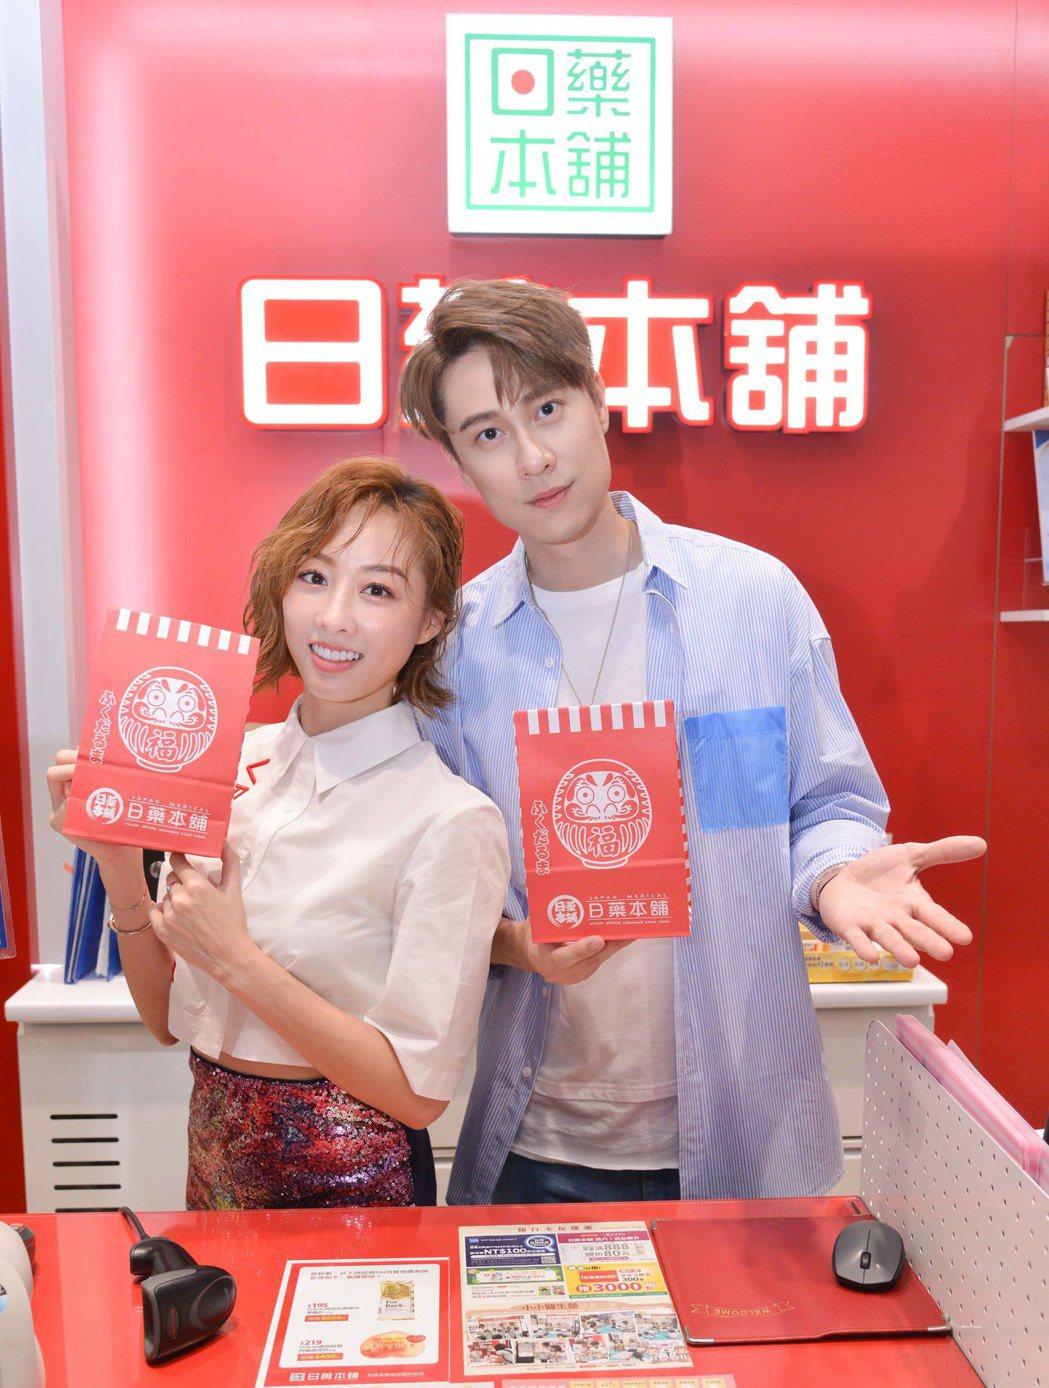 夏語心、劉書宏出席一日店長活動,暢談保養秘訣。圖/東森提供